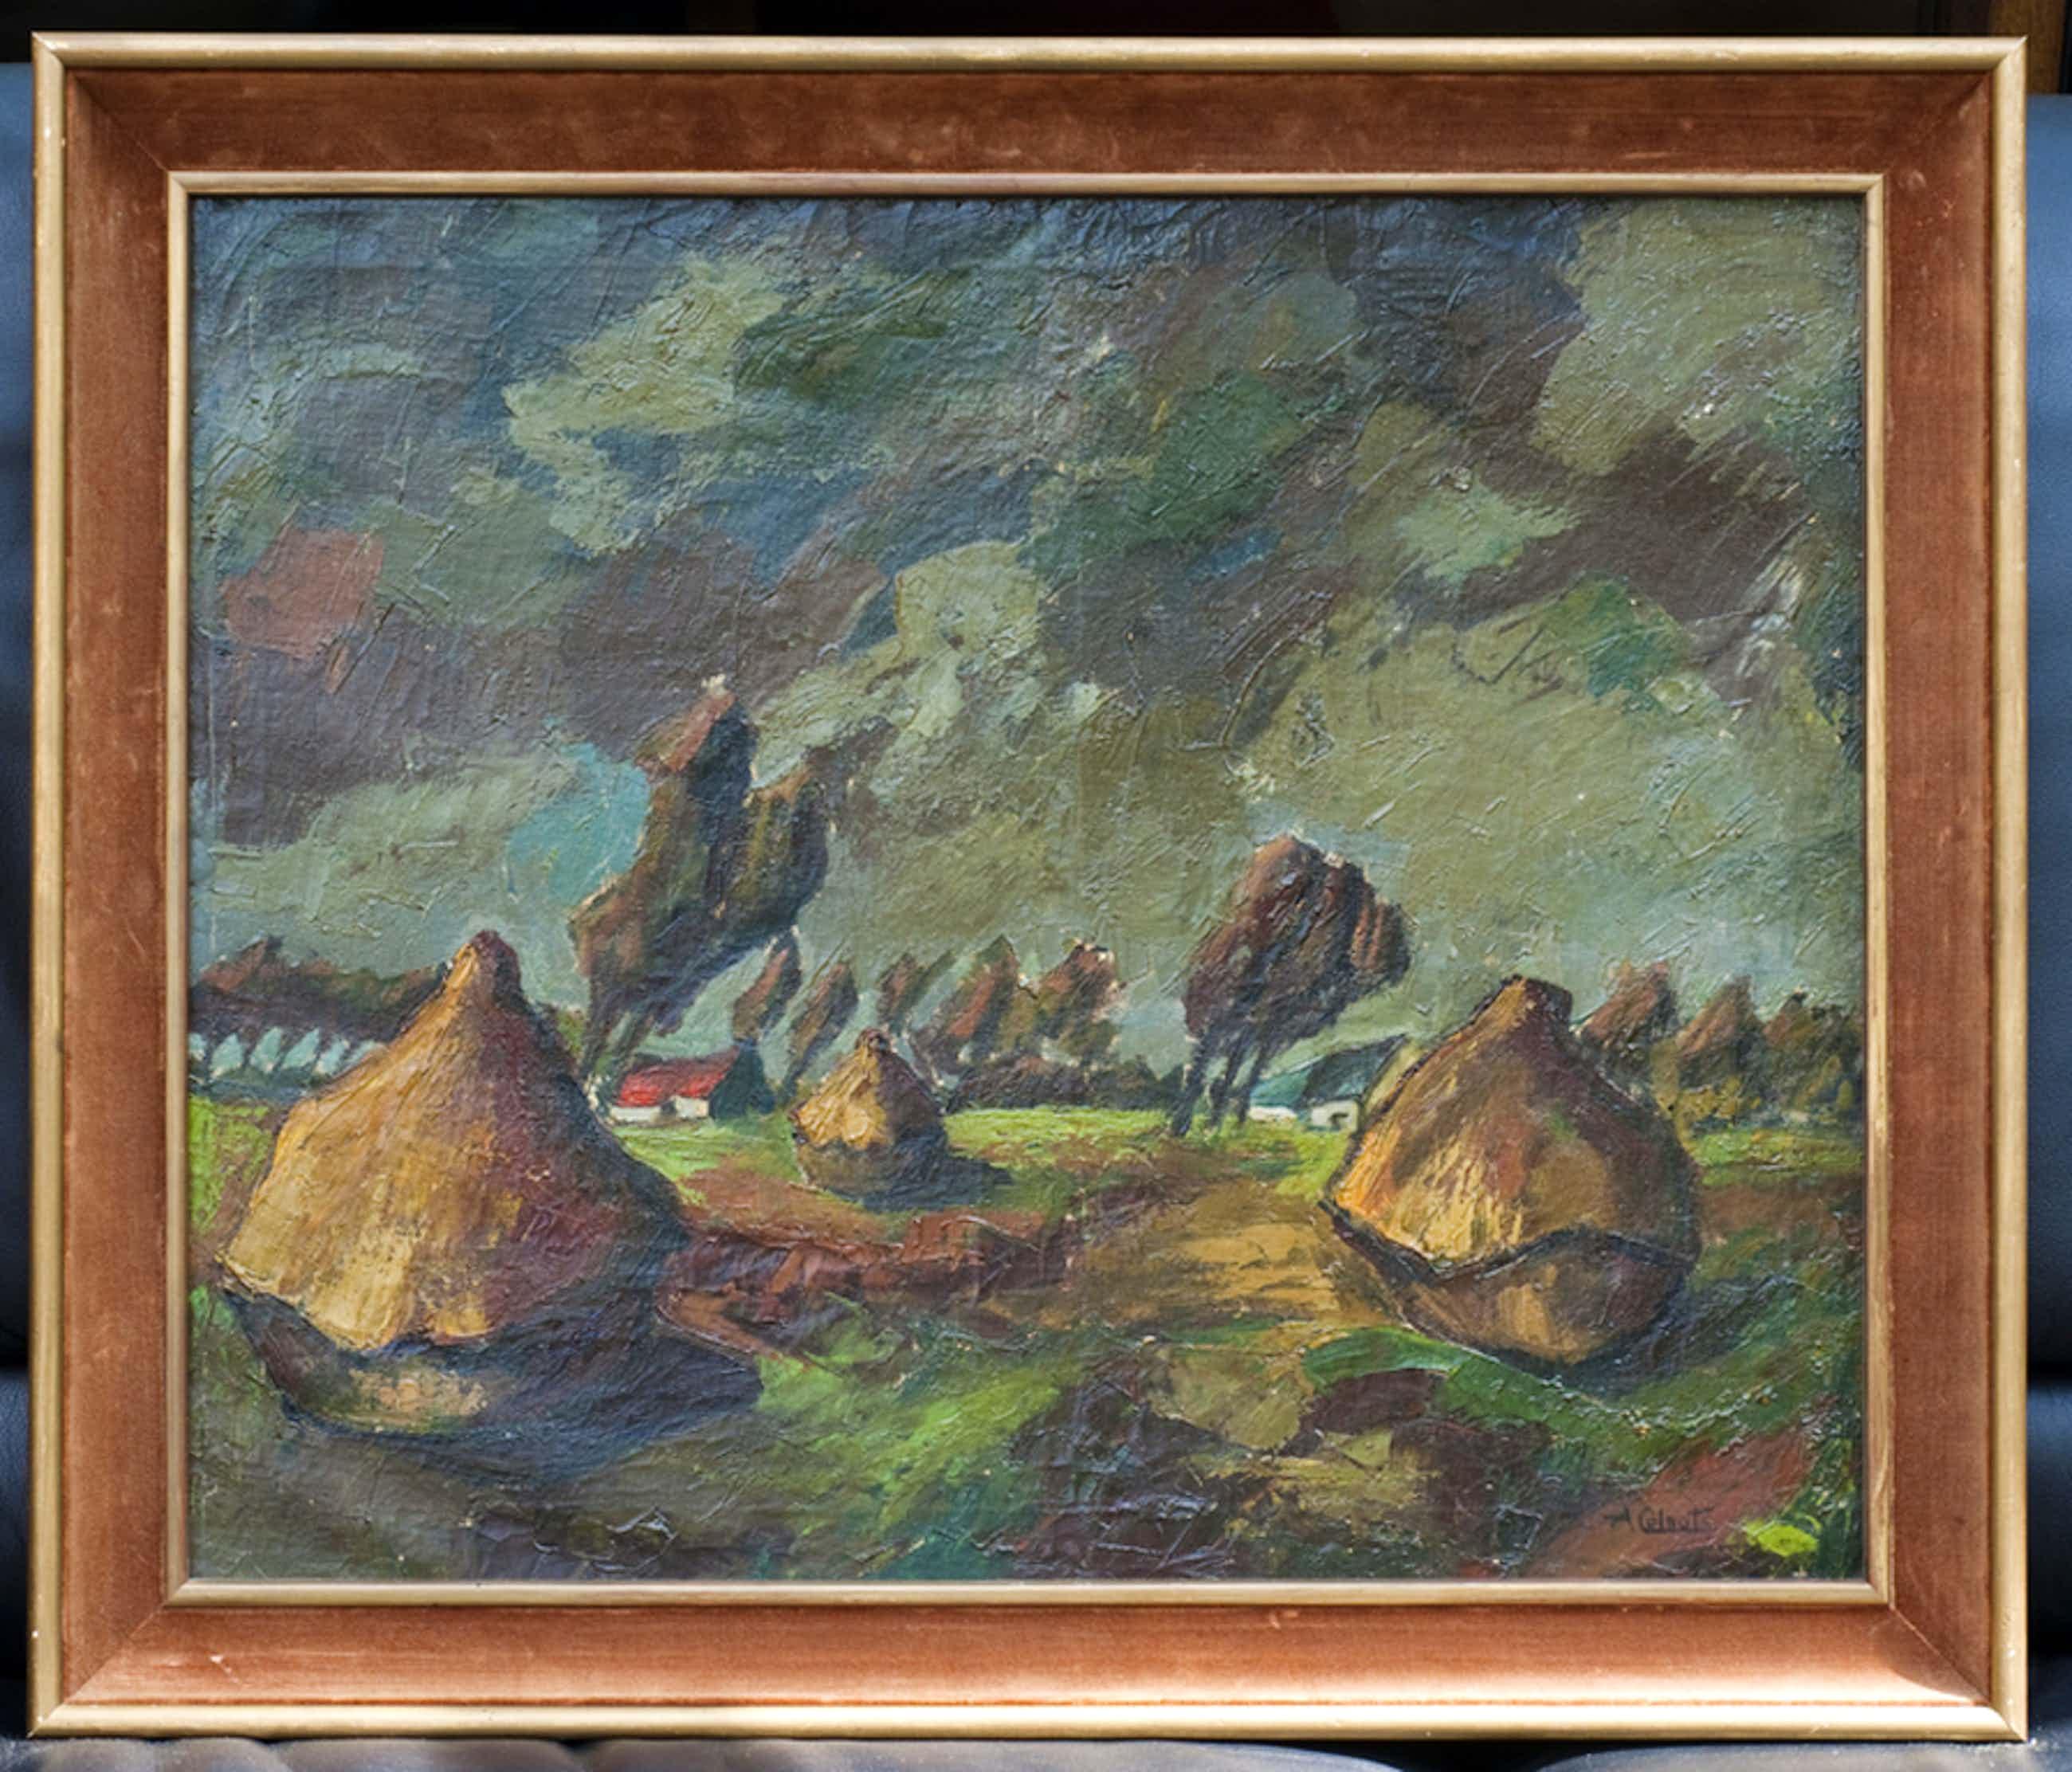 Landschap met hooioppers - olieverf op doek - gesigneerd kopen? Bied vanaf 1600!